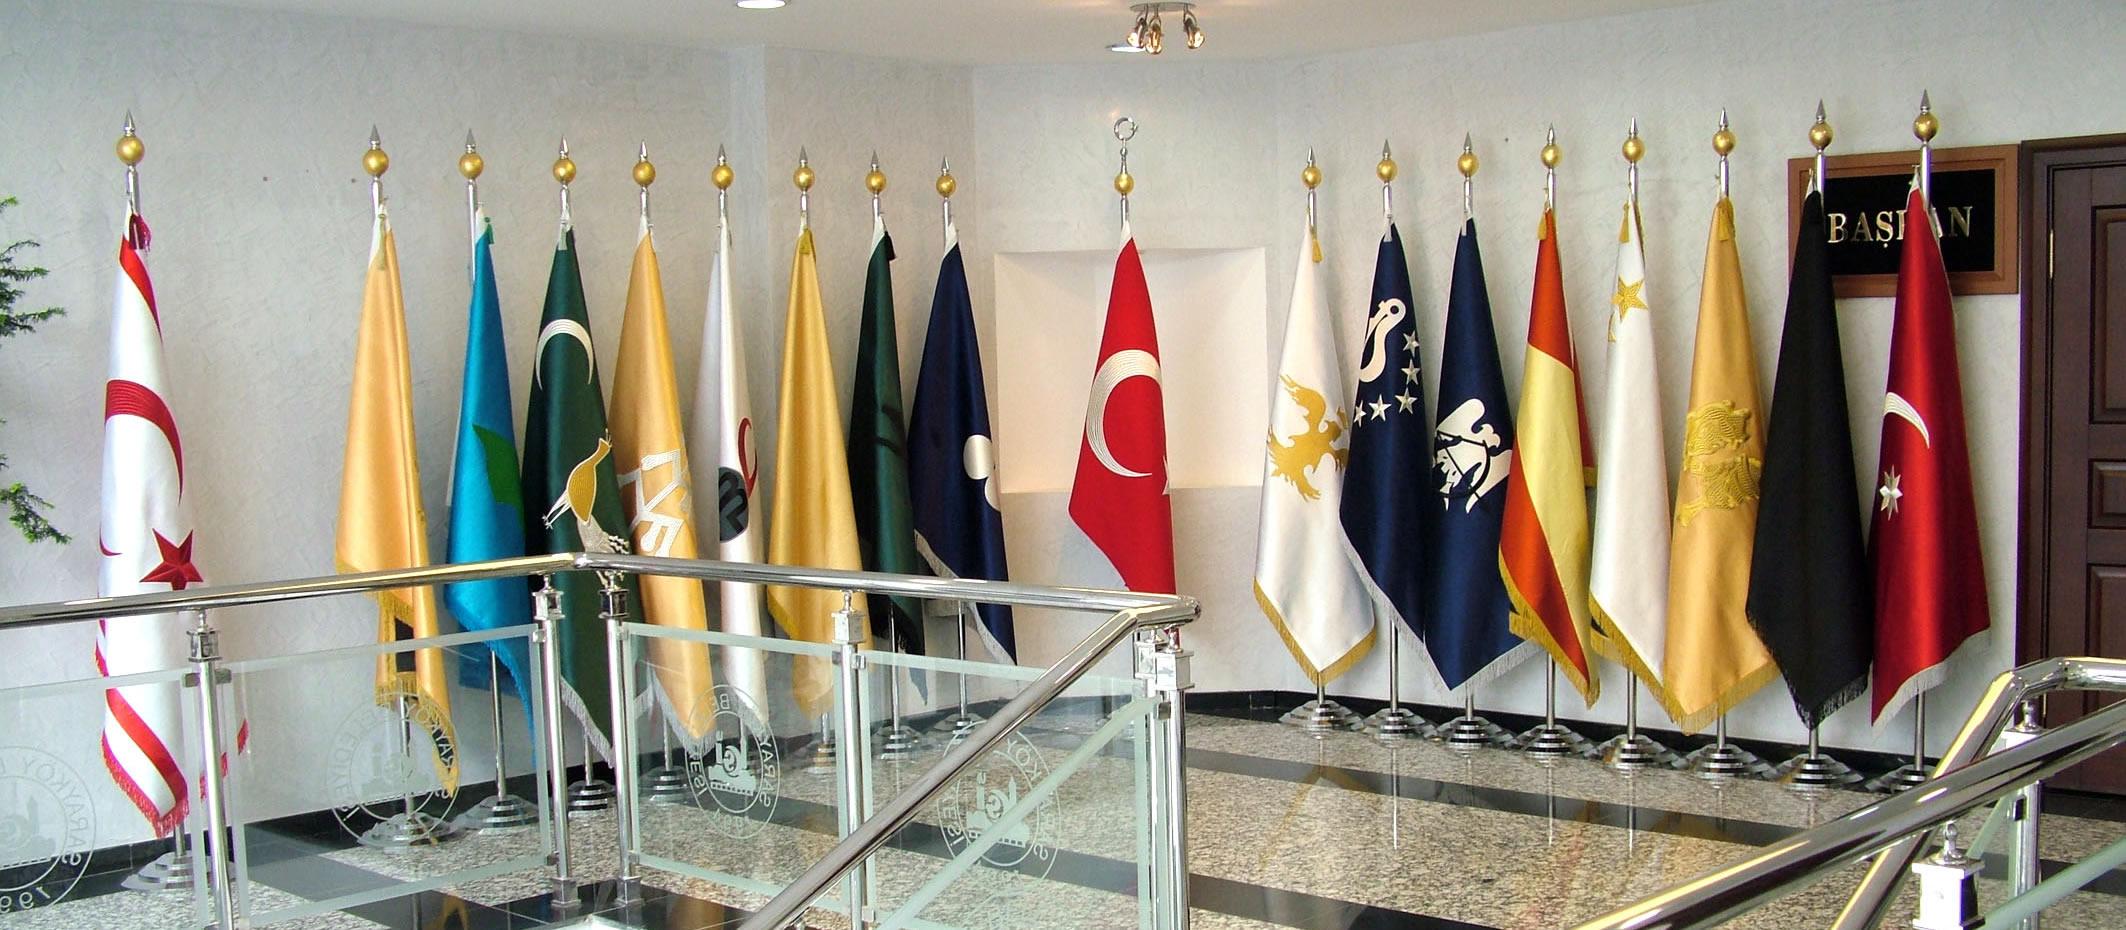 makam bayrakğı Bayrak Üretimi Ve Satışı